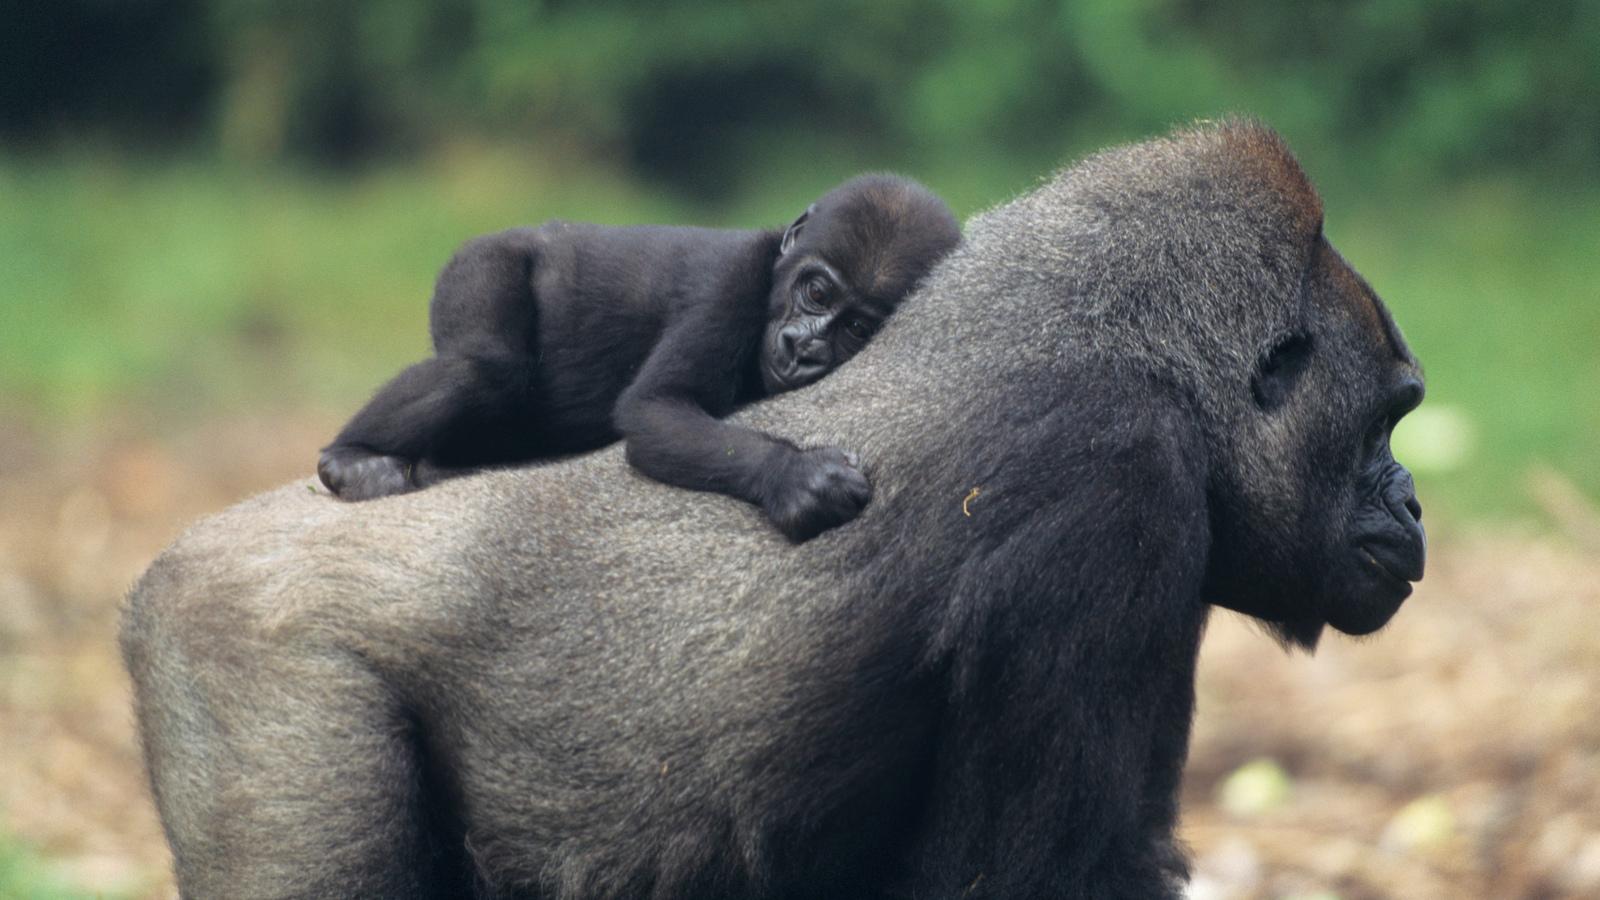 Gorilla | Mammals | Animals | Eden Channel